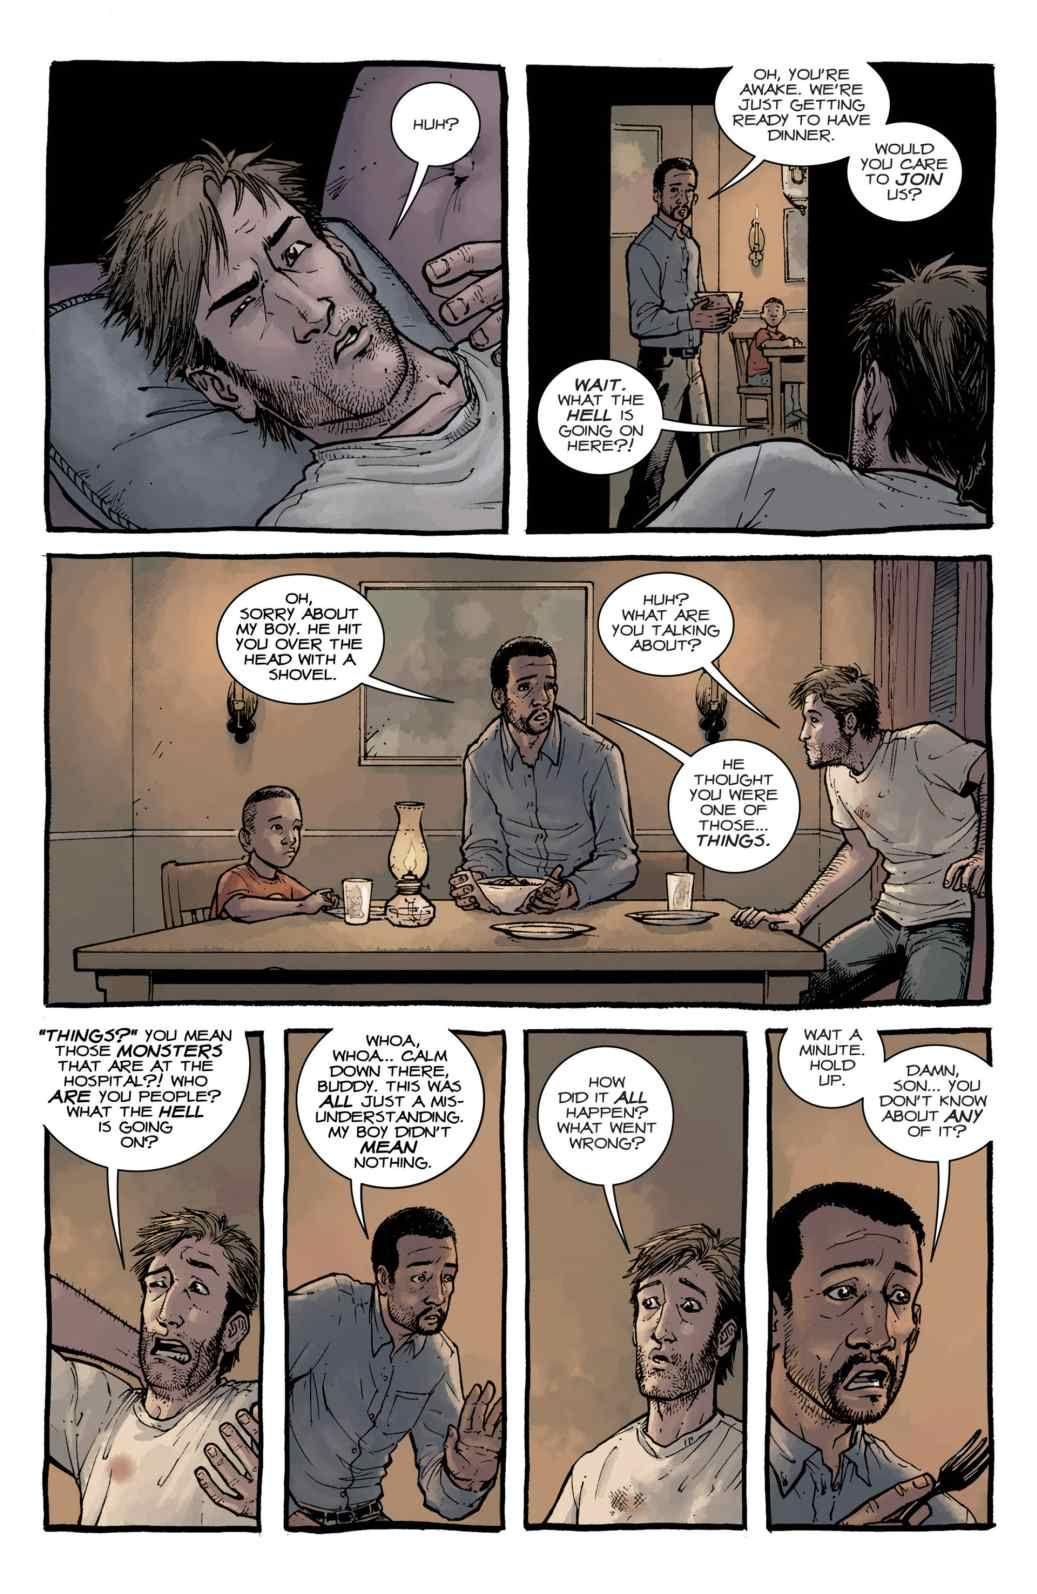 Read Comics Online Free The Walking Dead Chapter 001 Page 17 Walking Dead Comic Book Read Comics Online Read Comics Online Free